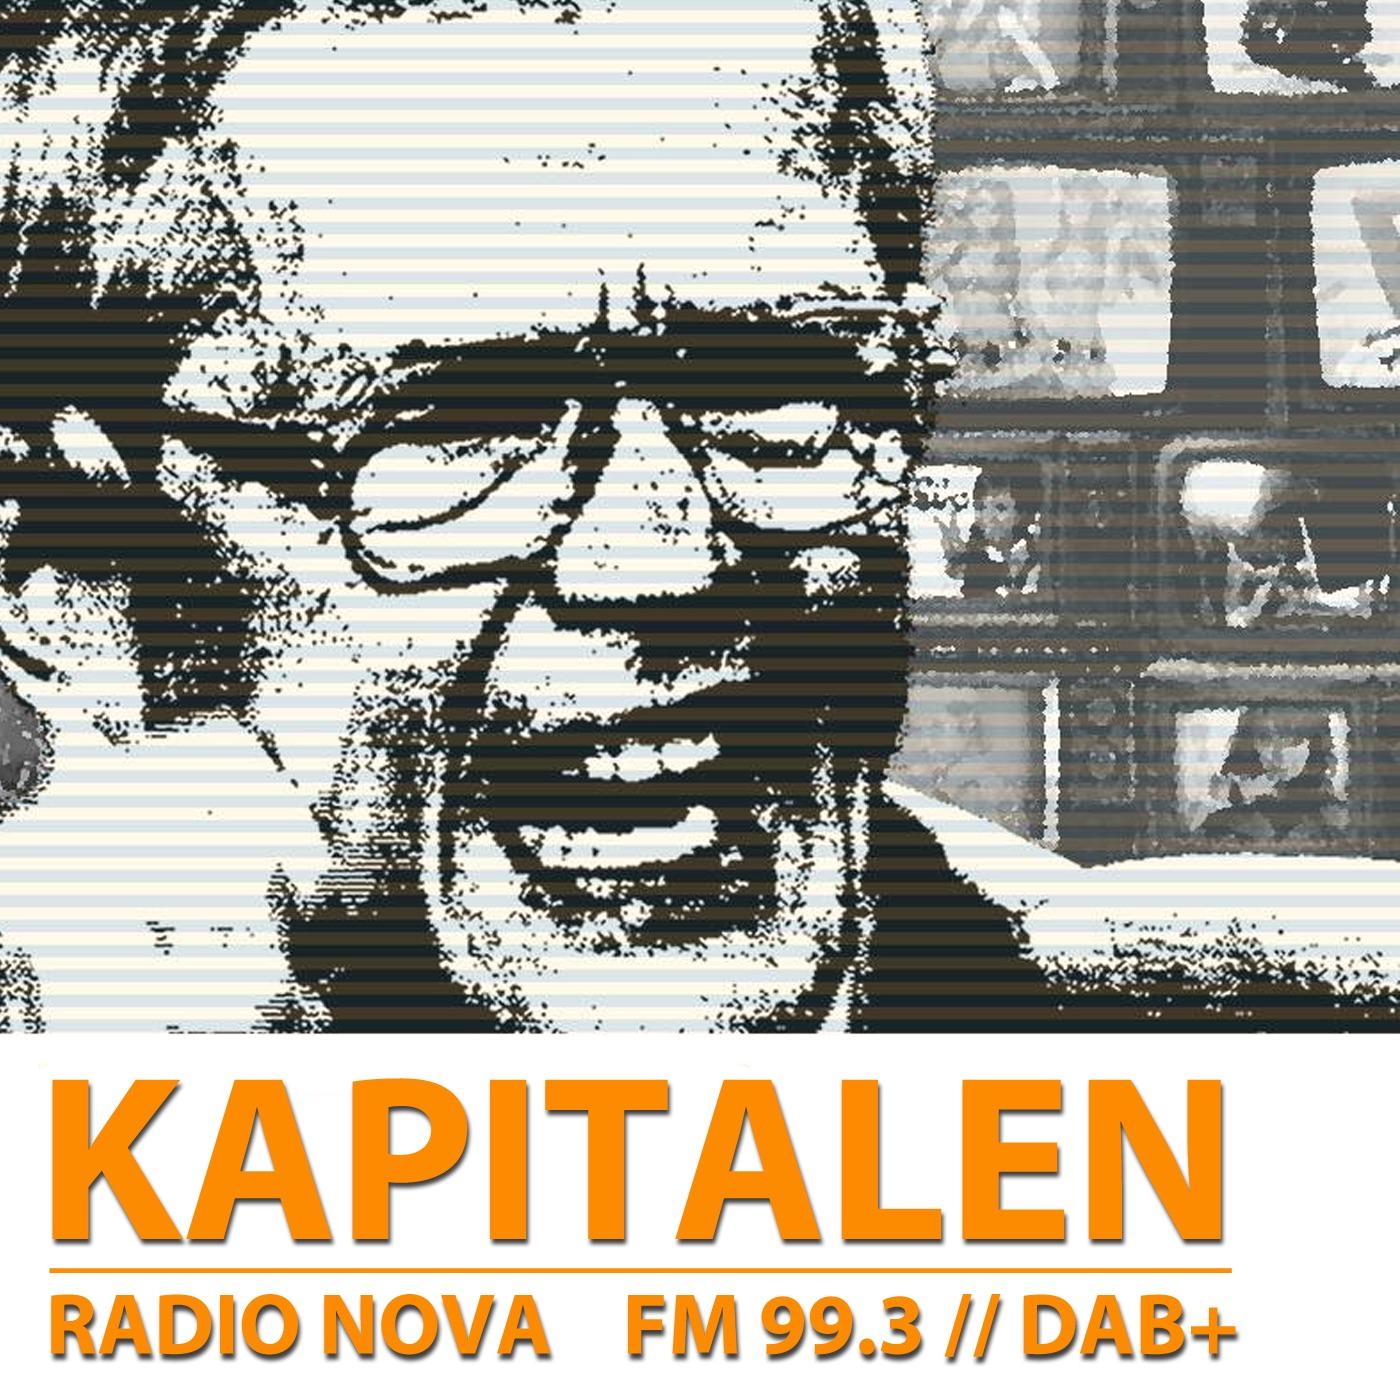 Kapitalen - Radio Nova